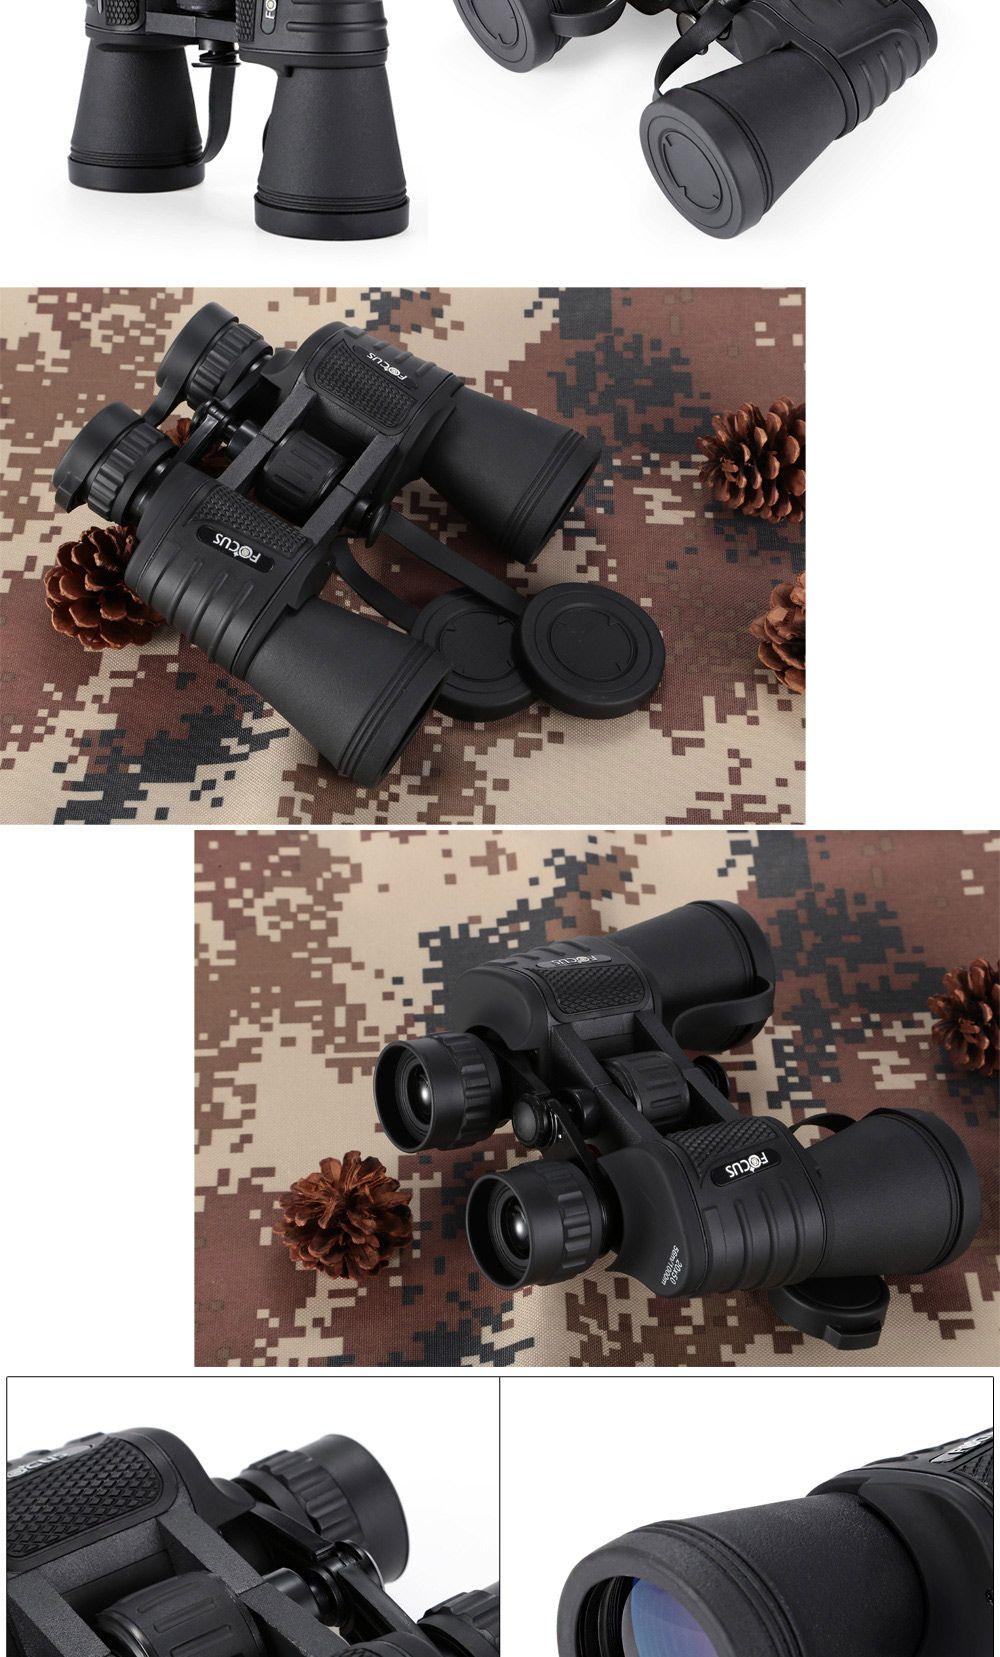 20 x 50 HD Portable Multi-coated Military Binocular